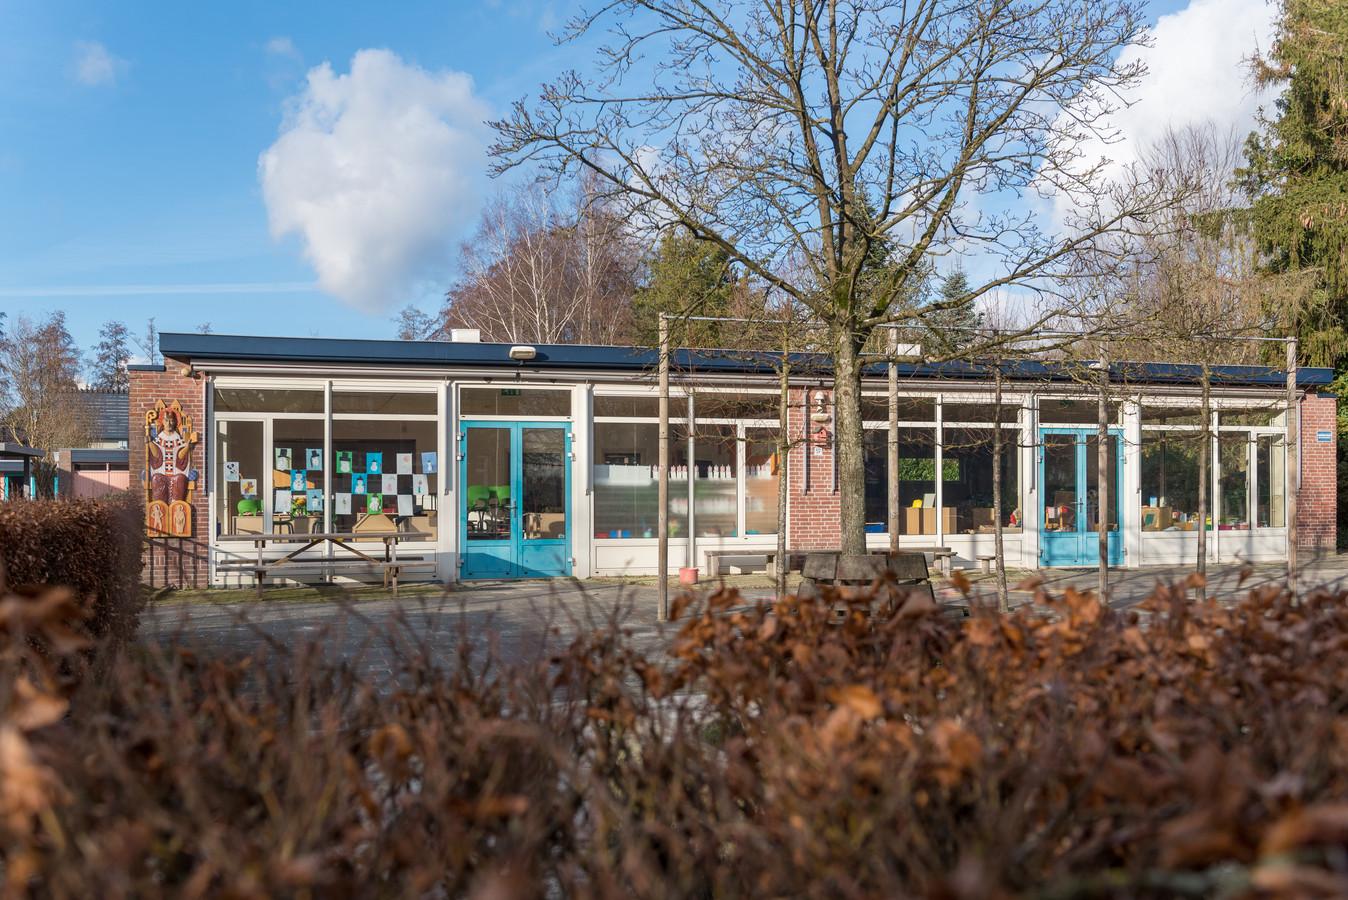 De Sint Servatius-basisschool in Borkel en Schaft.